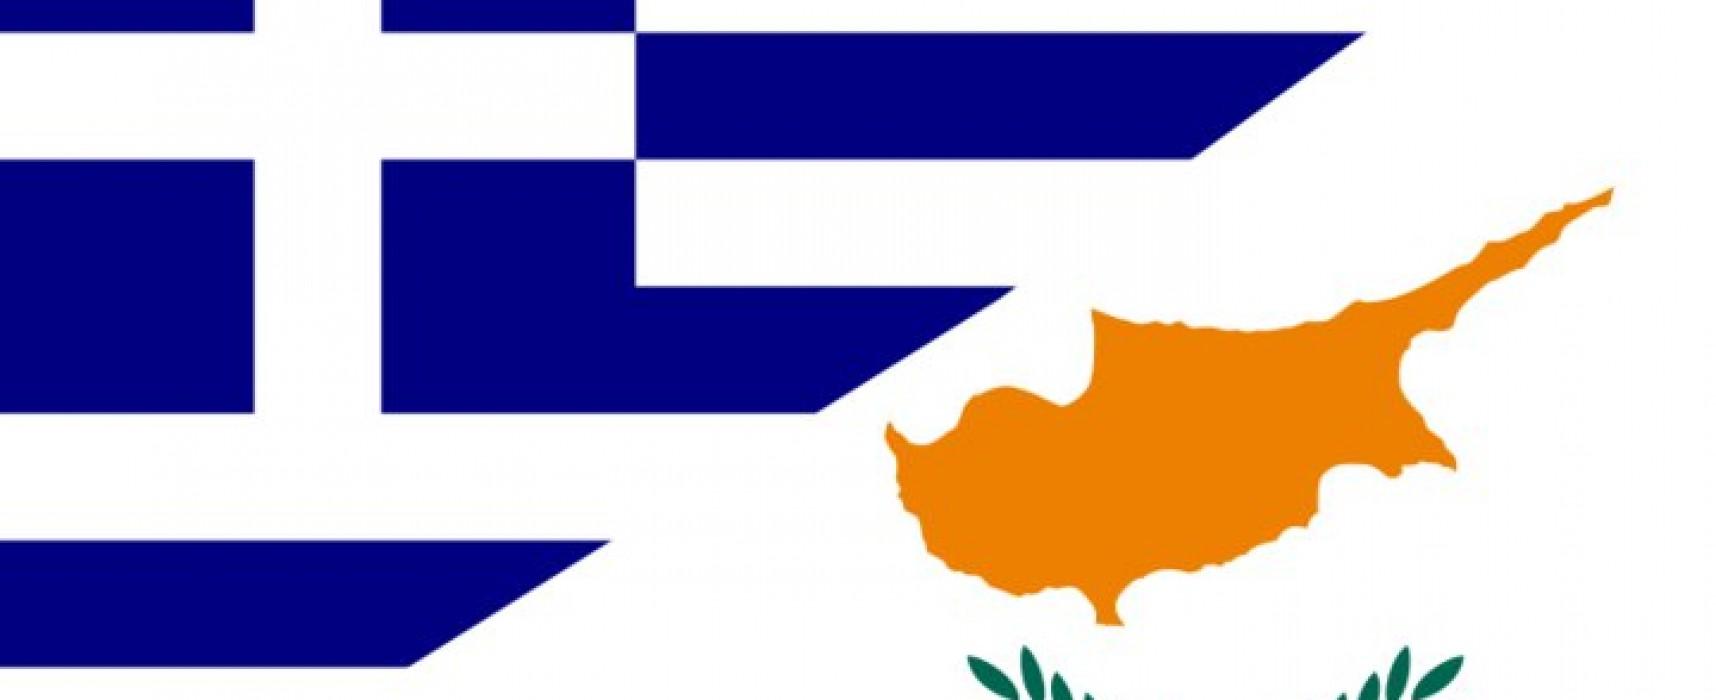 H προκήρυξη για τον αγώνα Ανοιχτού Χώρου Διακρατικής Συμφωνίας Ελλάδας – Κύπρου